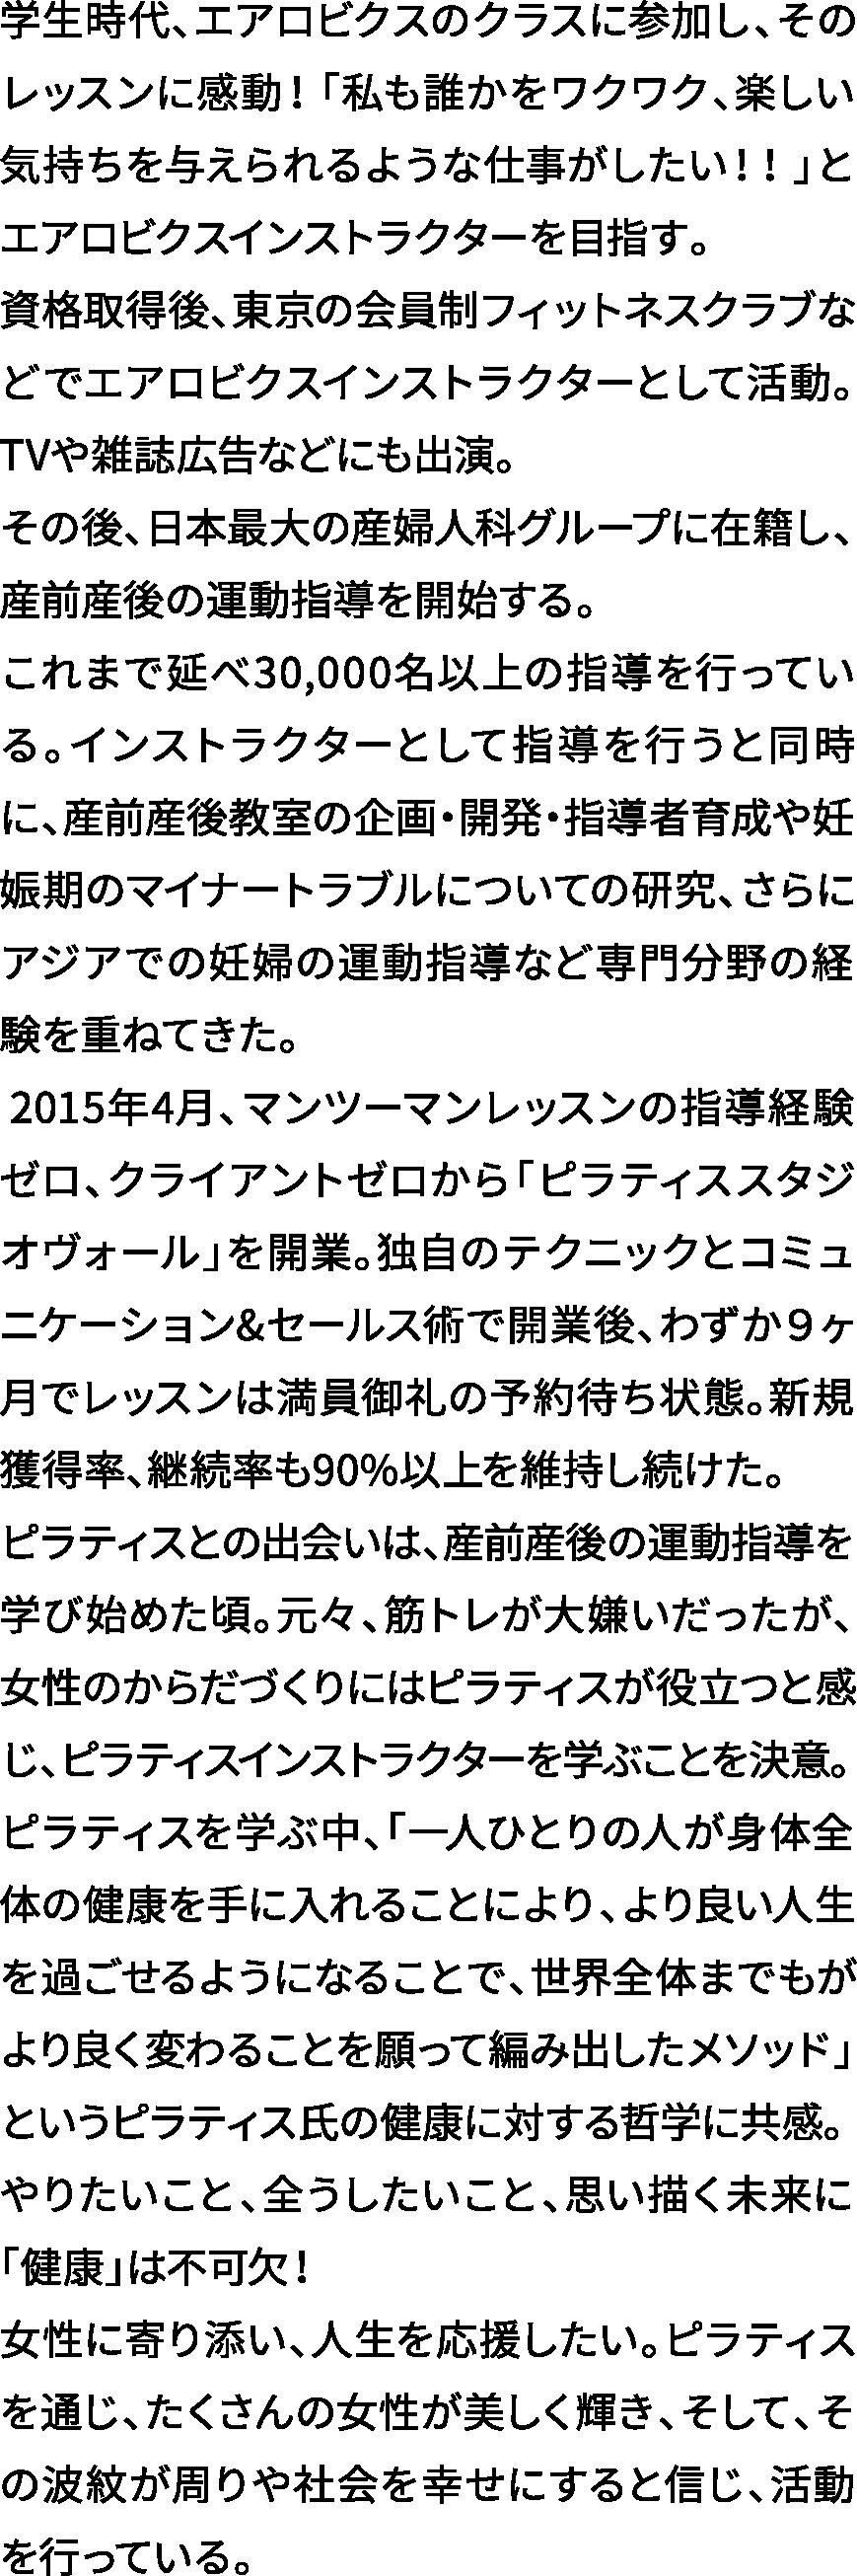 学生時代、エアロビクスのクラスに参加し、そのレッスンに感動!「私も誰かをワクワク、楽しい気持ちを与えられるような仕事がしたい!!」とエアロビクスインストラクターを目指す。 資格取得後、東京の会員制フィットネスクラブなどでエアロビクスインストラクターとして活動。TVや雑誌広告などにも出演。 その後、日本最大の産婦人科グループに在籍し、産前産後の運動指導を開始する。 これまで延べ30,000名以上の指導を行っている。インストラクターとして指導を行うと同時に、産前産後教室の企画・開発・指導者育成や妊娠期のマイナートラブルについての研究、さらにアジアでの妊婦の運動指導など専門分野の経験を重ねてきた。 2015年4月、マンツーマンレッスンの指導経験ゼロ、クライアントゼロから「ピラティススタジオヴォール」を開業。独自のテクニックとコミュニケーション&セールス術で開業後、わずか9ヶ月でレッスンは満員御礼の予約待ち状態。新規獲得率、継続率も90%以上を維持し続けた。 ピラティスとの出会いは、産前産後の運動指導を学び始めた頃。元々、筋トレが大嫌いだったが、女性のからだづくりにはピラティスが役立つと感じ、ピラティスインストラクターを学ぶことを決意。 ピラティスを学ぶ中、「一人ひとりの人が身体全体の健康を手に入れることにより、より良い人生を過ごせるようになることで、世界全体までもがより良く変わることを願って編み出したメソッド」というピラティス氏の健康に対する哲学に共感。 やりたいこと、全うしたいこと、思い描く未来に「健康」は不可欠! 女性に寄り添い、人生を応援したい。ピラティスを通じ、たくさんの女性が美しく輝き、そして、その波紋が周りや社会を幸せにすると信じ、活動を行っている。